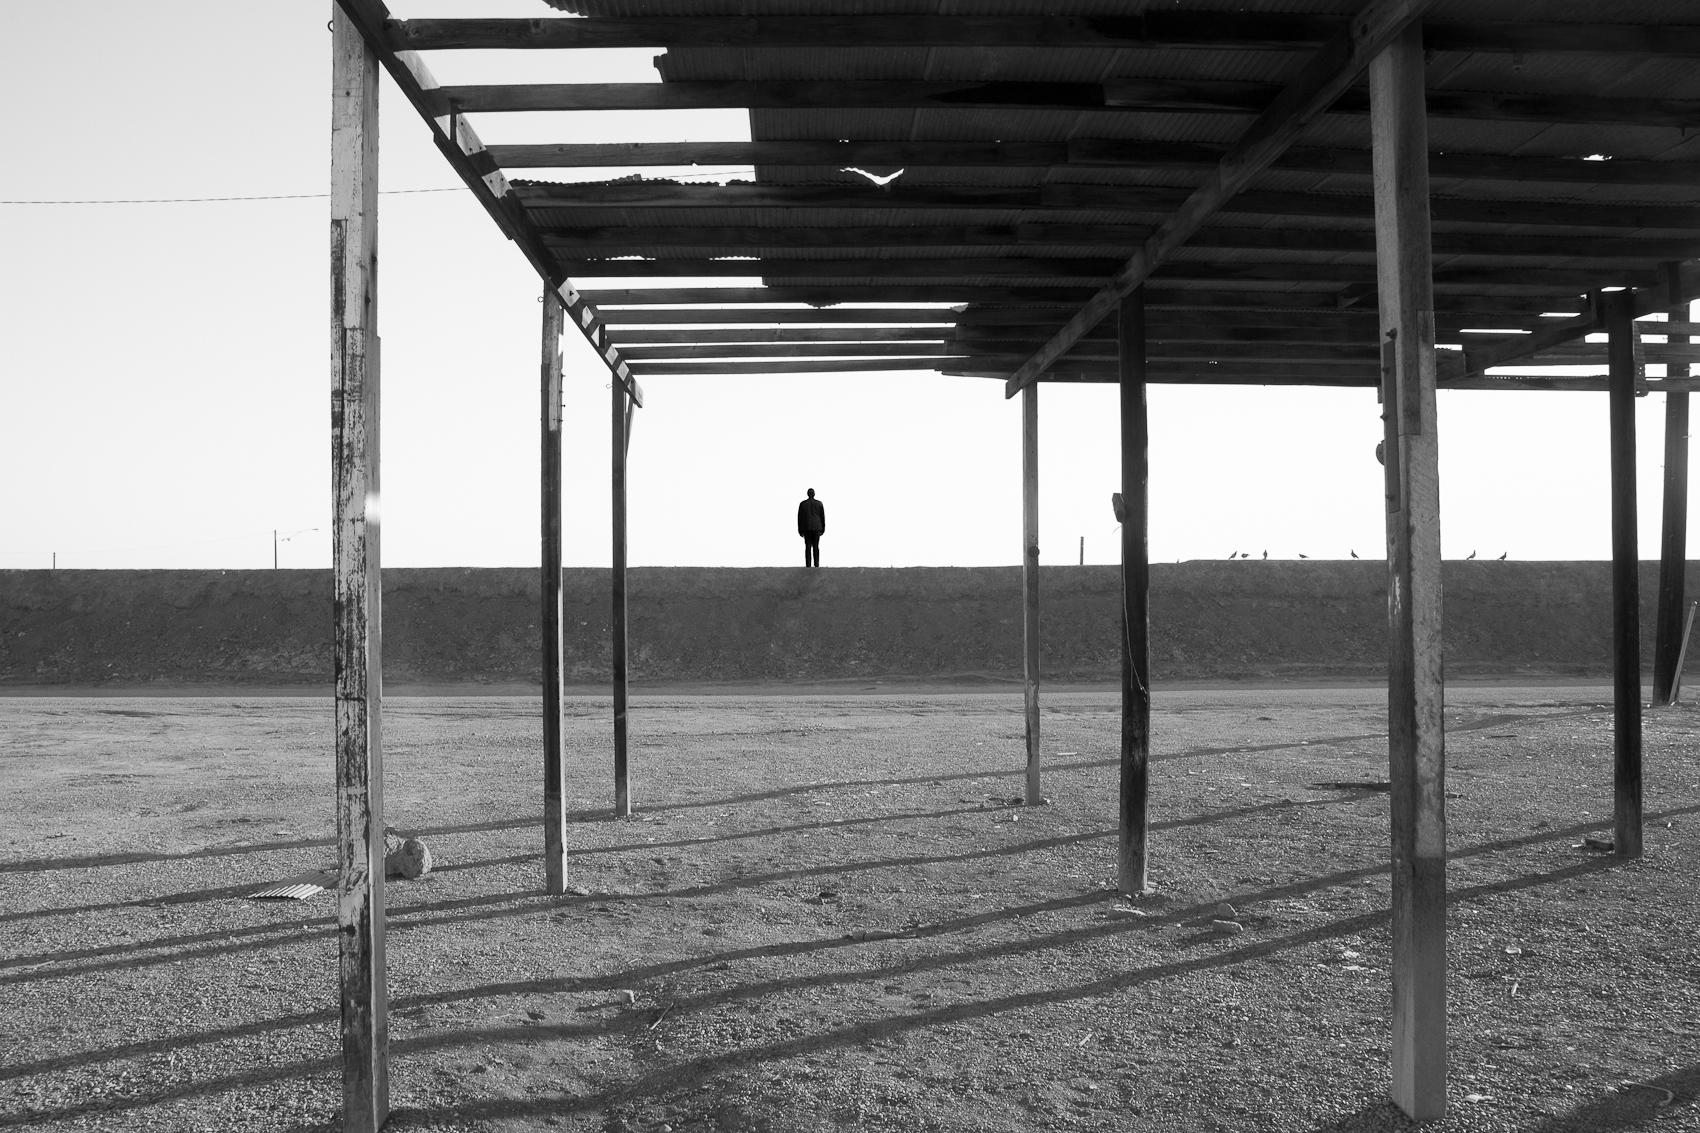 Self Portrait, Avenue D, Salton Sea, 2016